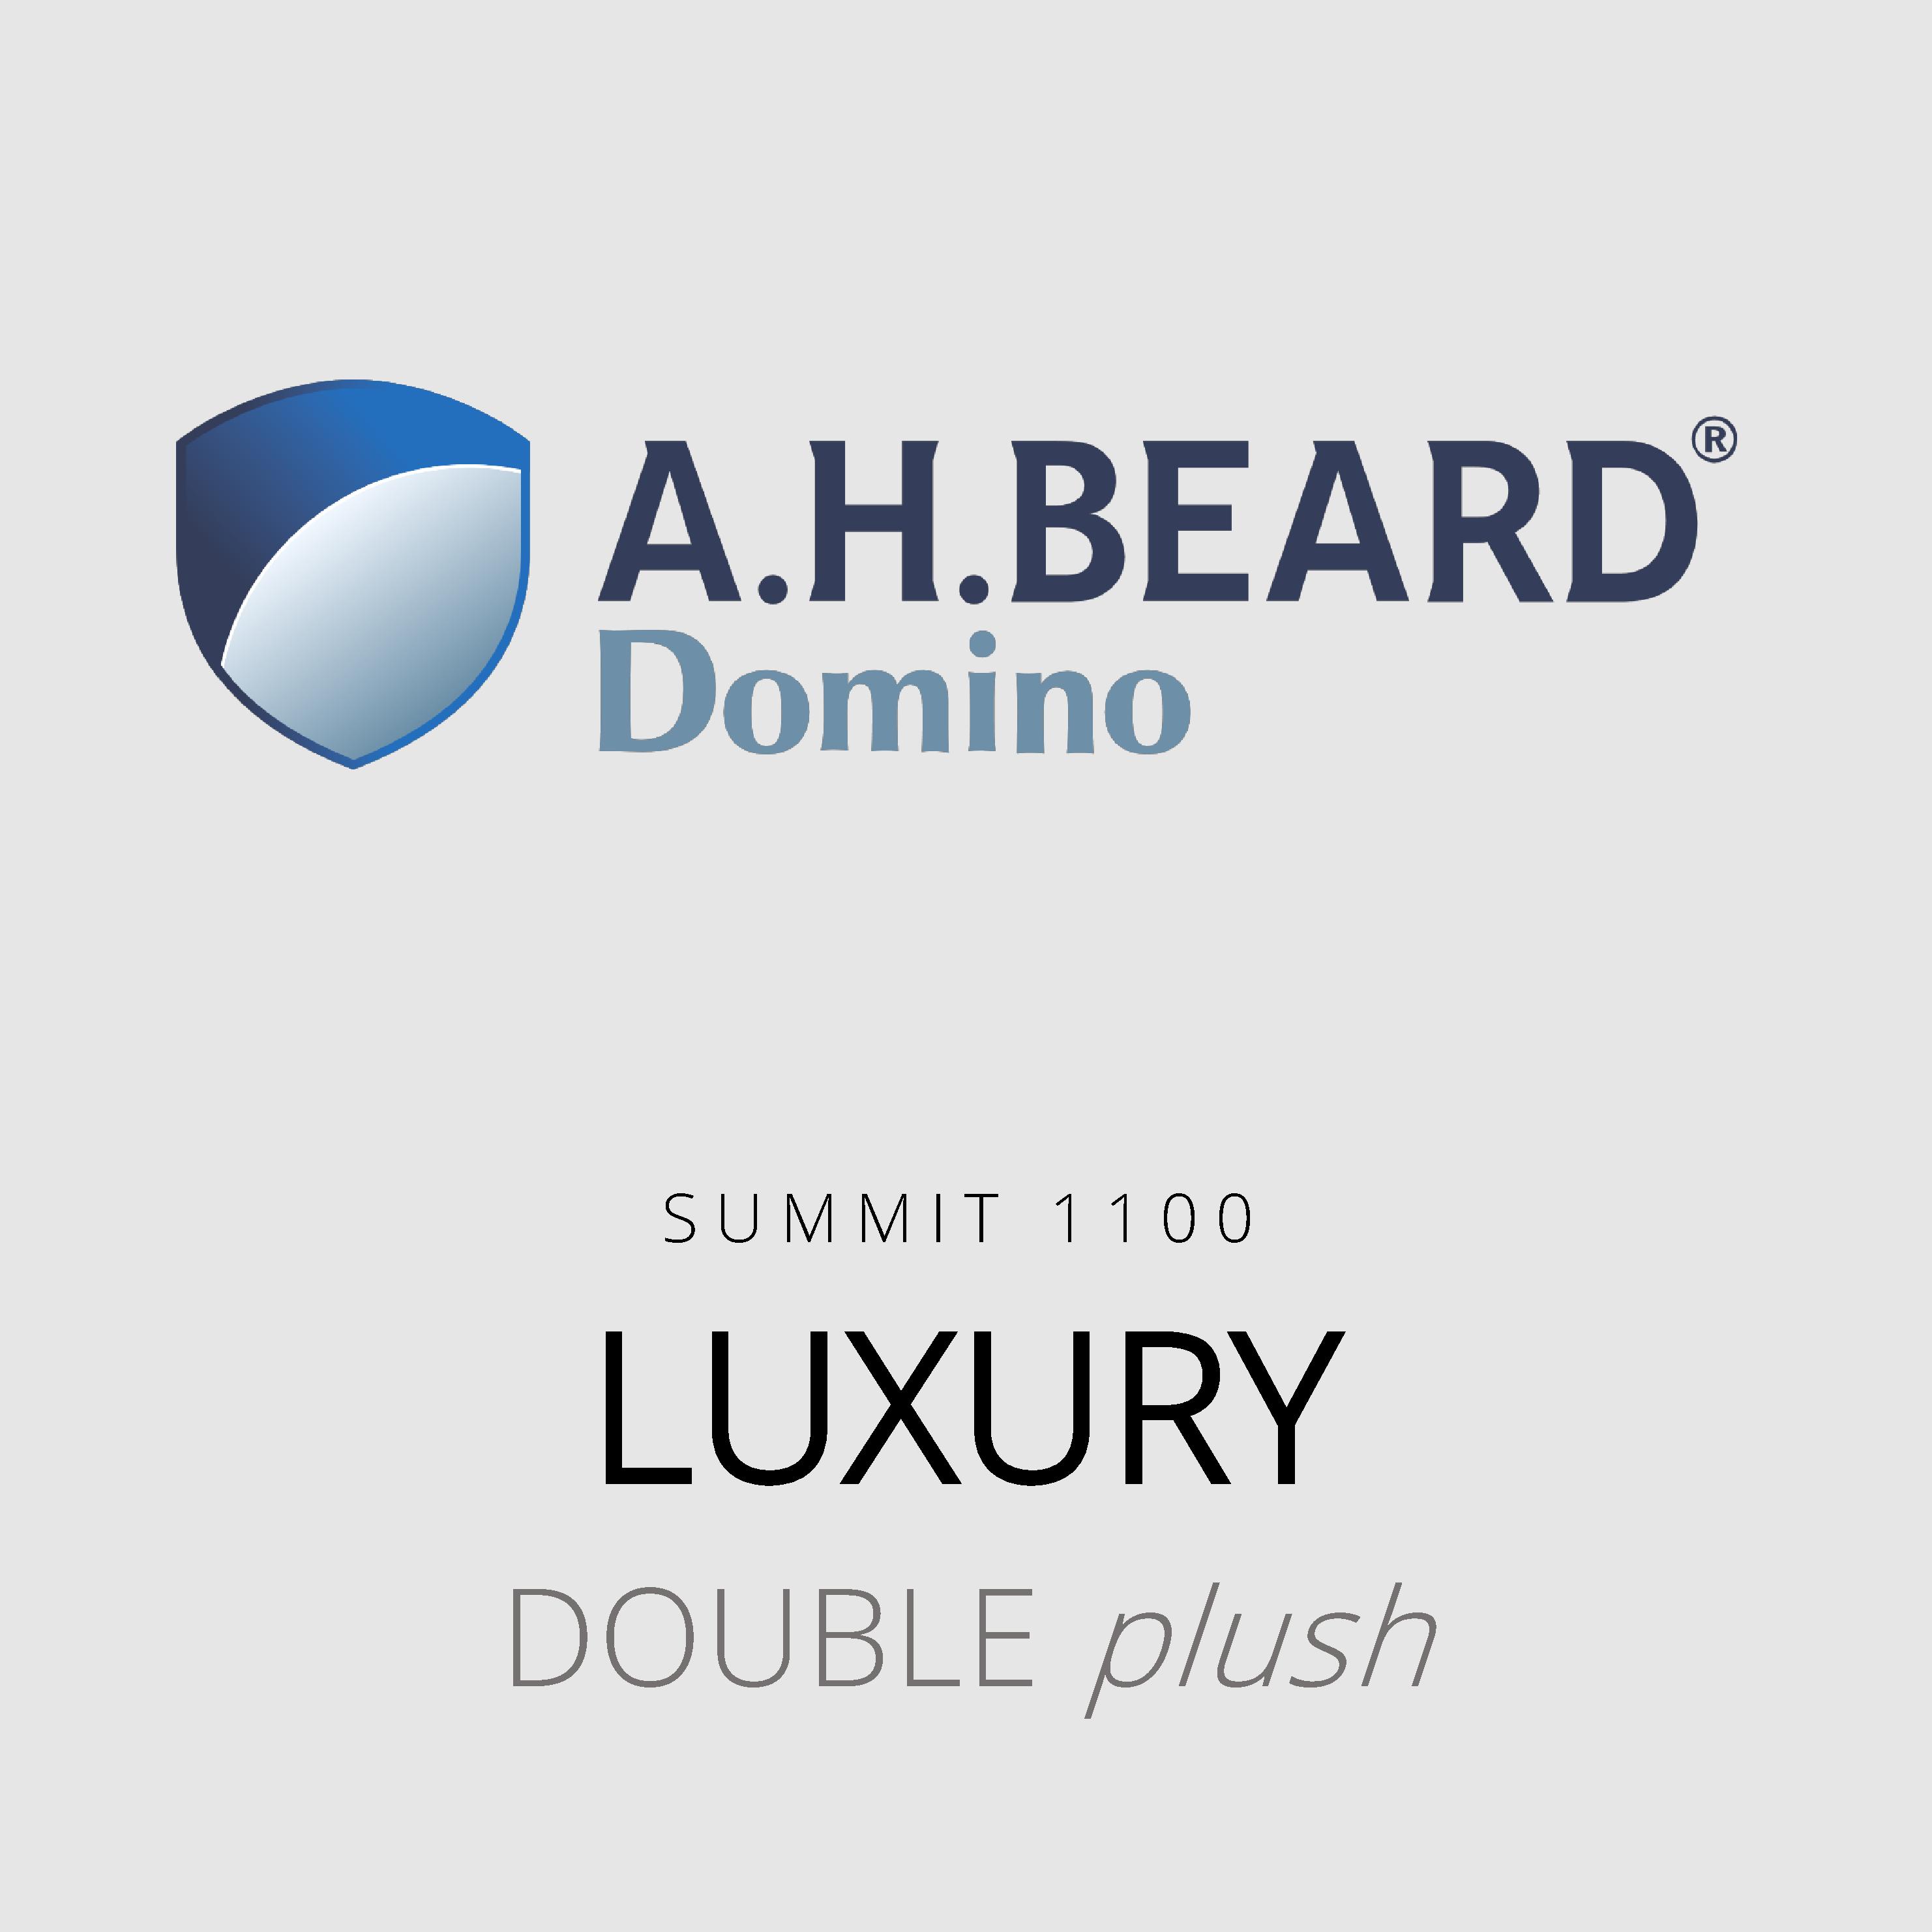 AH Beard Domino – Luxury – Summit 1100 – Double Plush Mattress